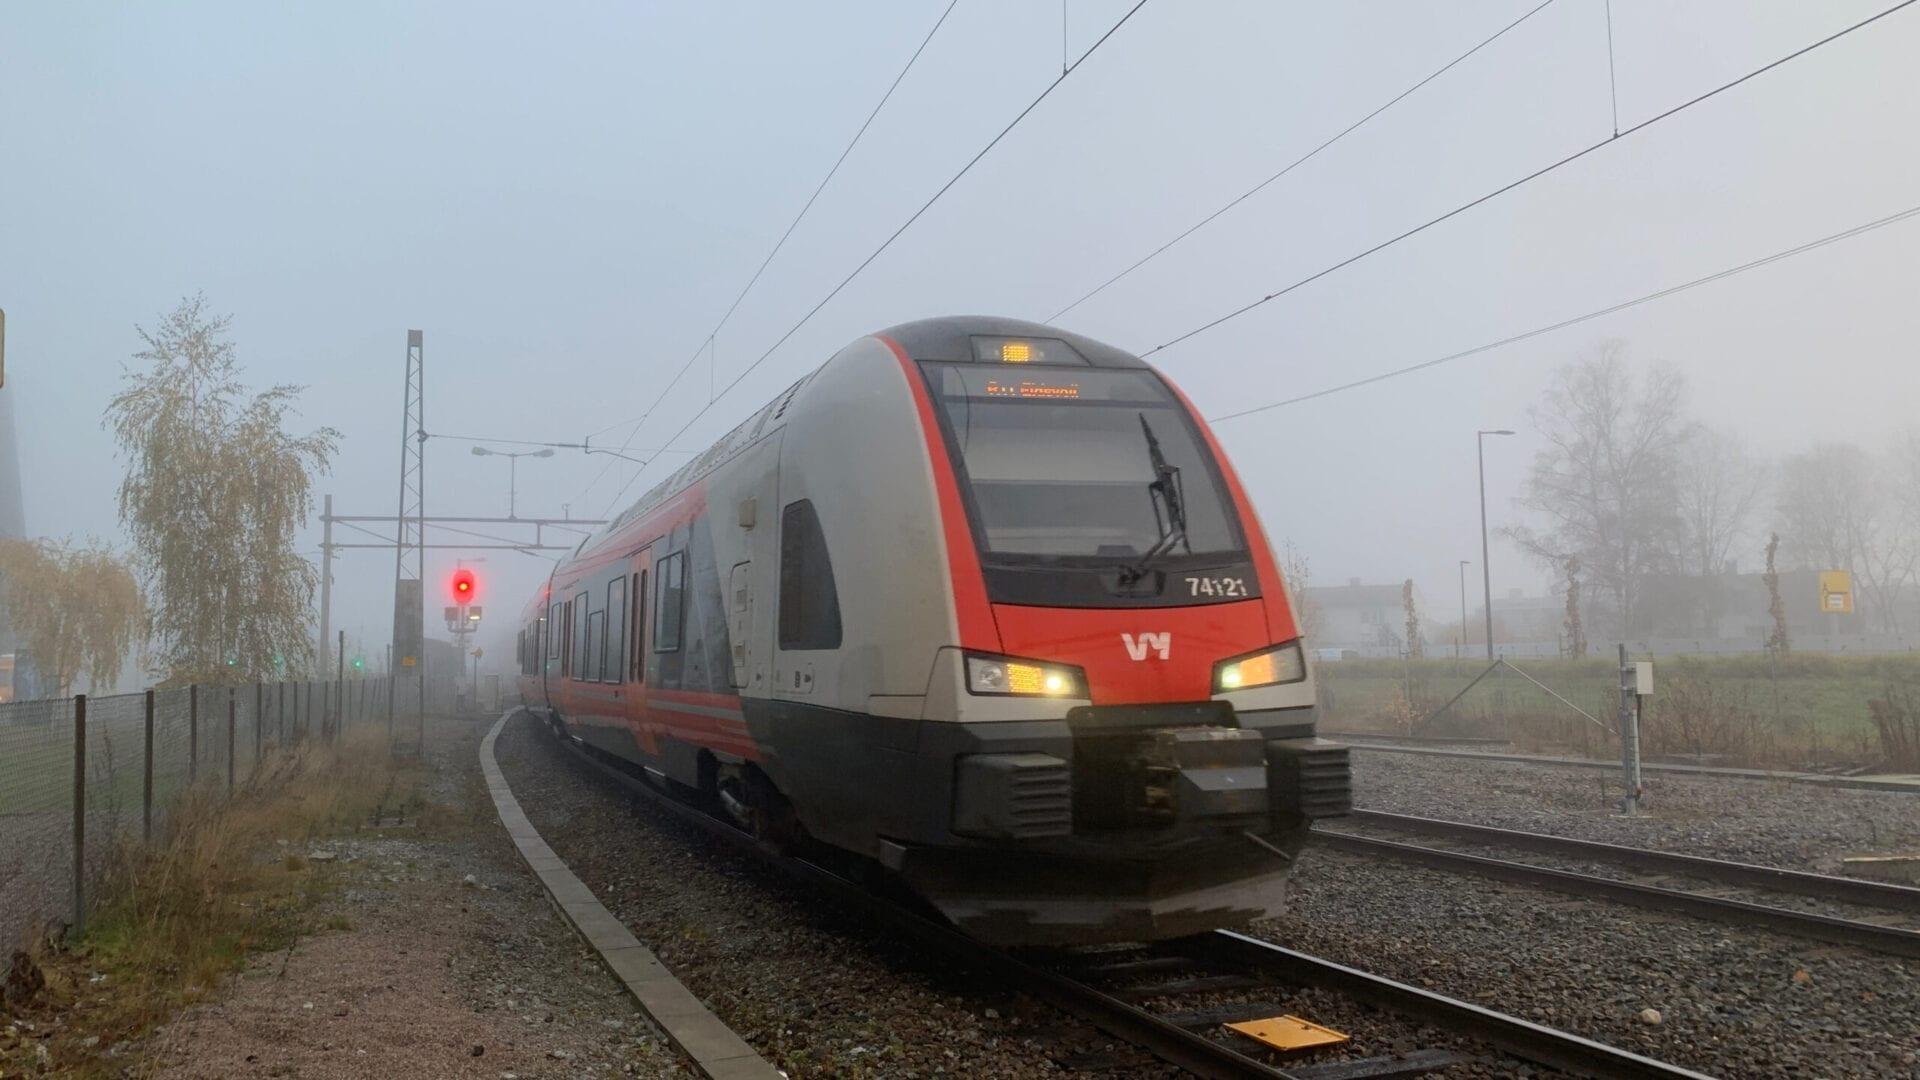 Dobbeltspor på Vestfoldbanen. Foto: Gunnar Ridderström